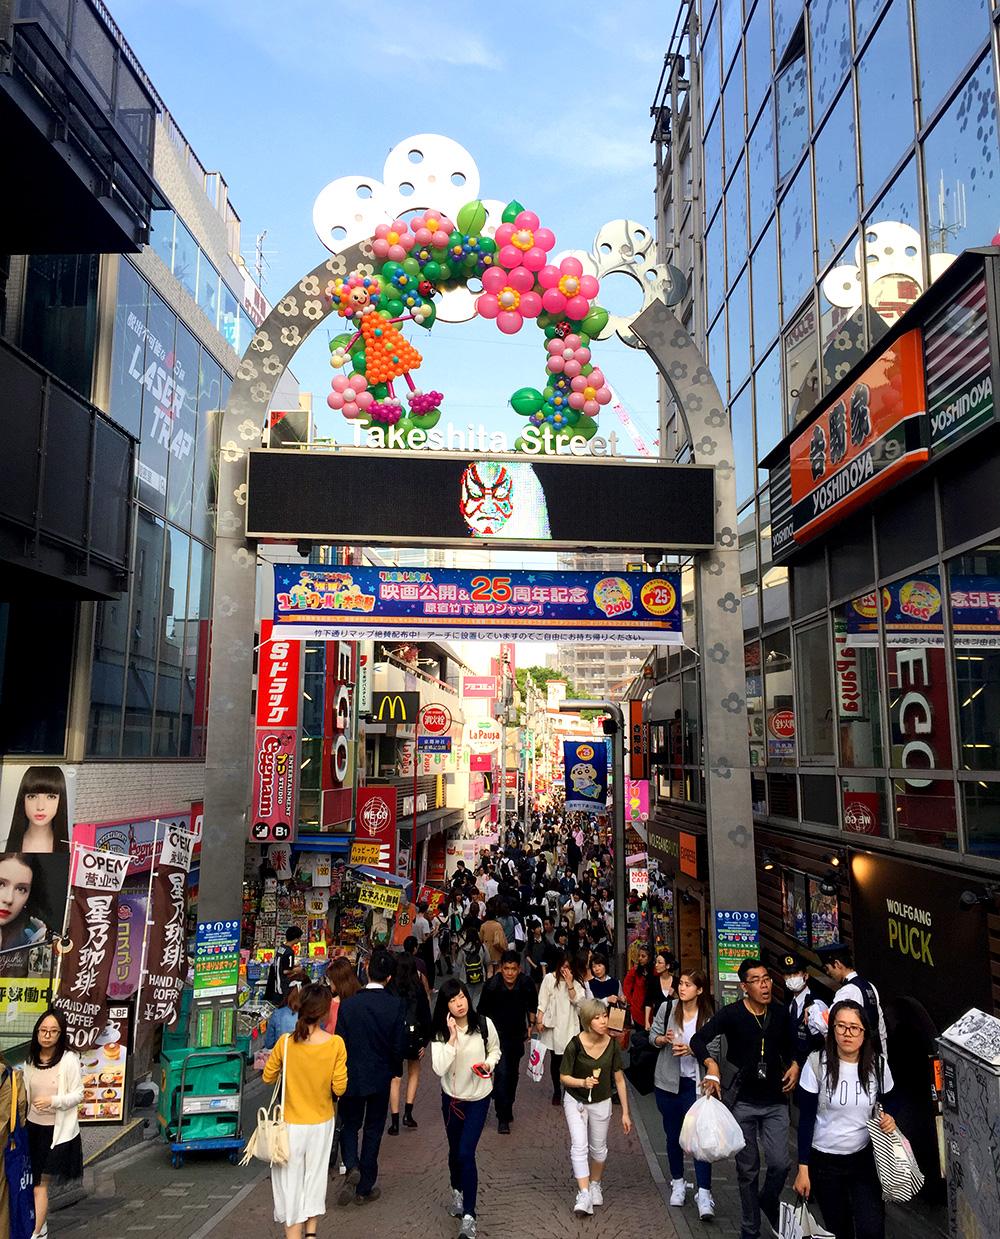 missie-cindz-takeshita-street